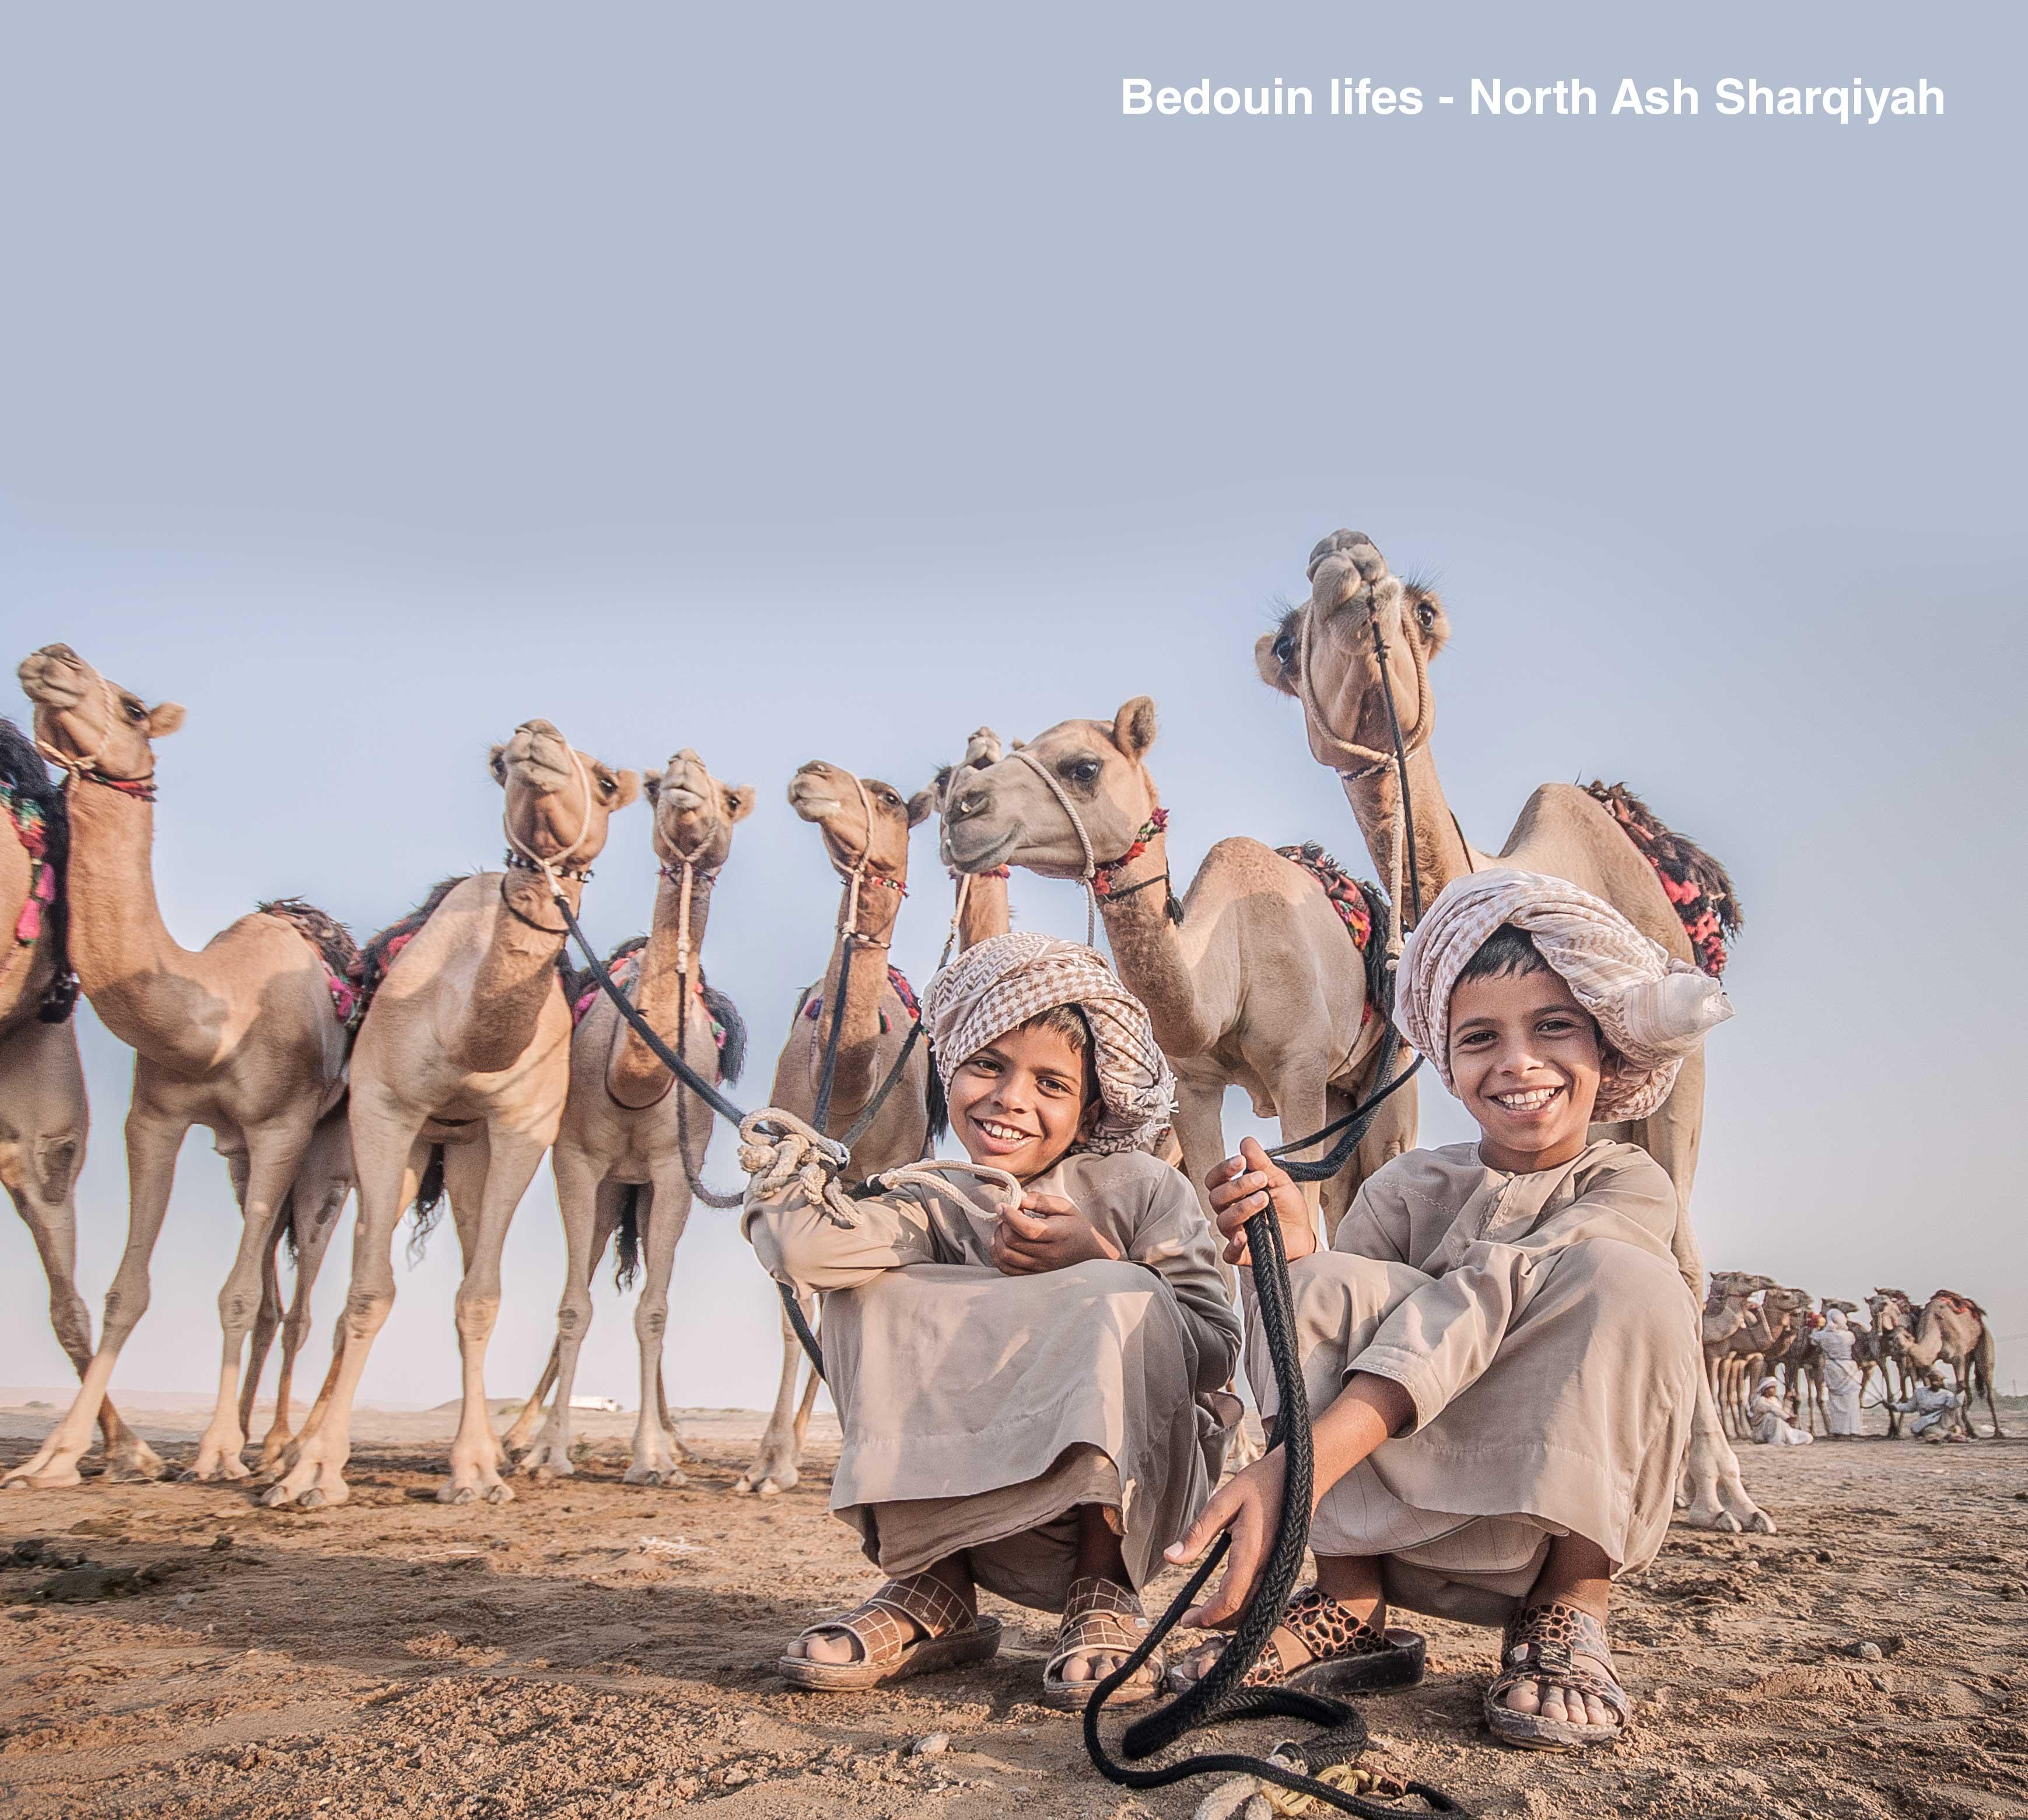 Bedouin-lifes---North-Ash-Sharqiyah